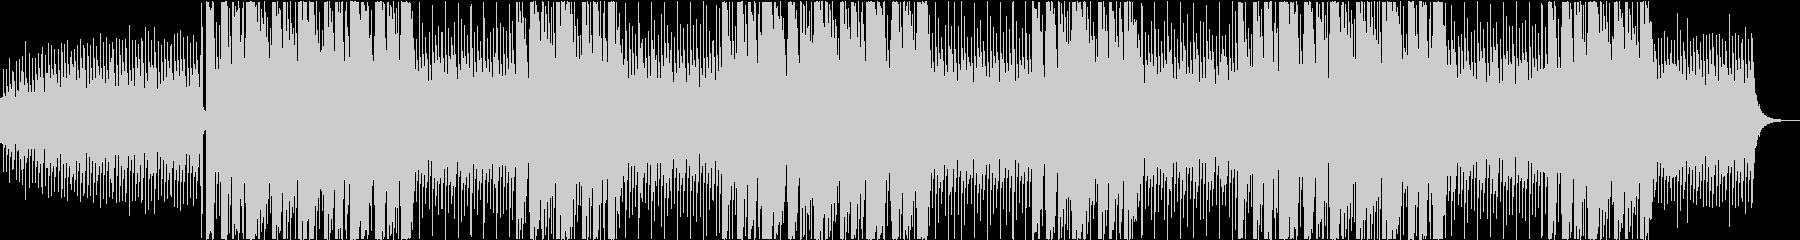 ギャングスタ系トラップビートの未再生の波形